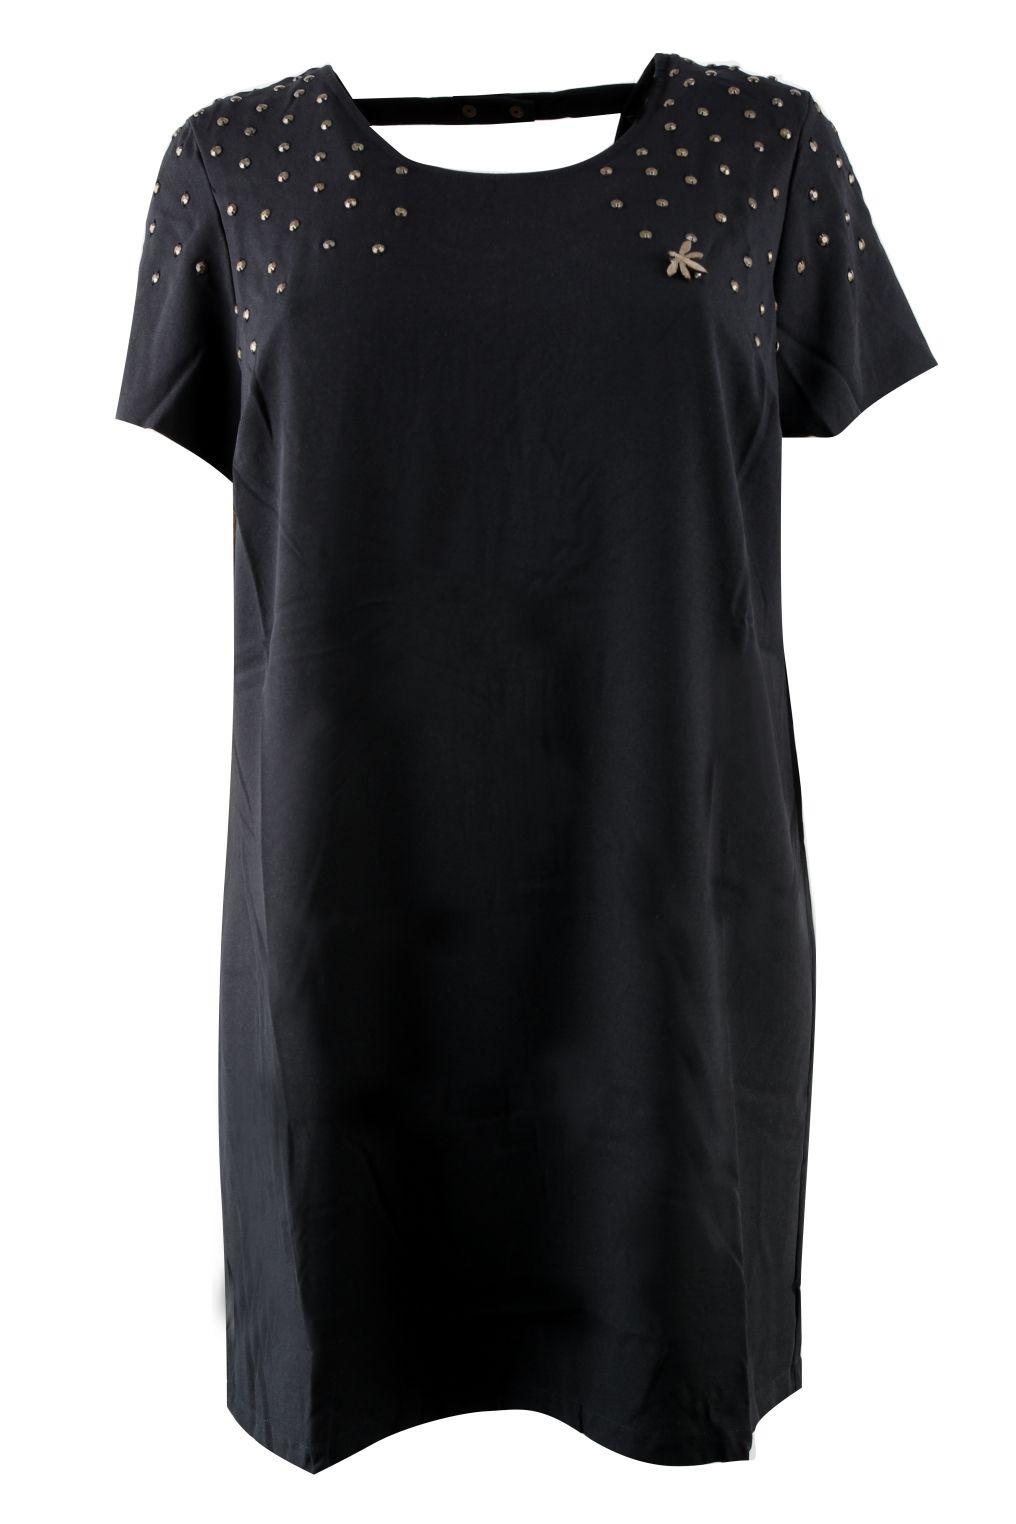 studs kleding online